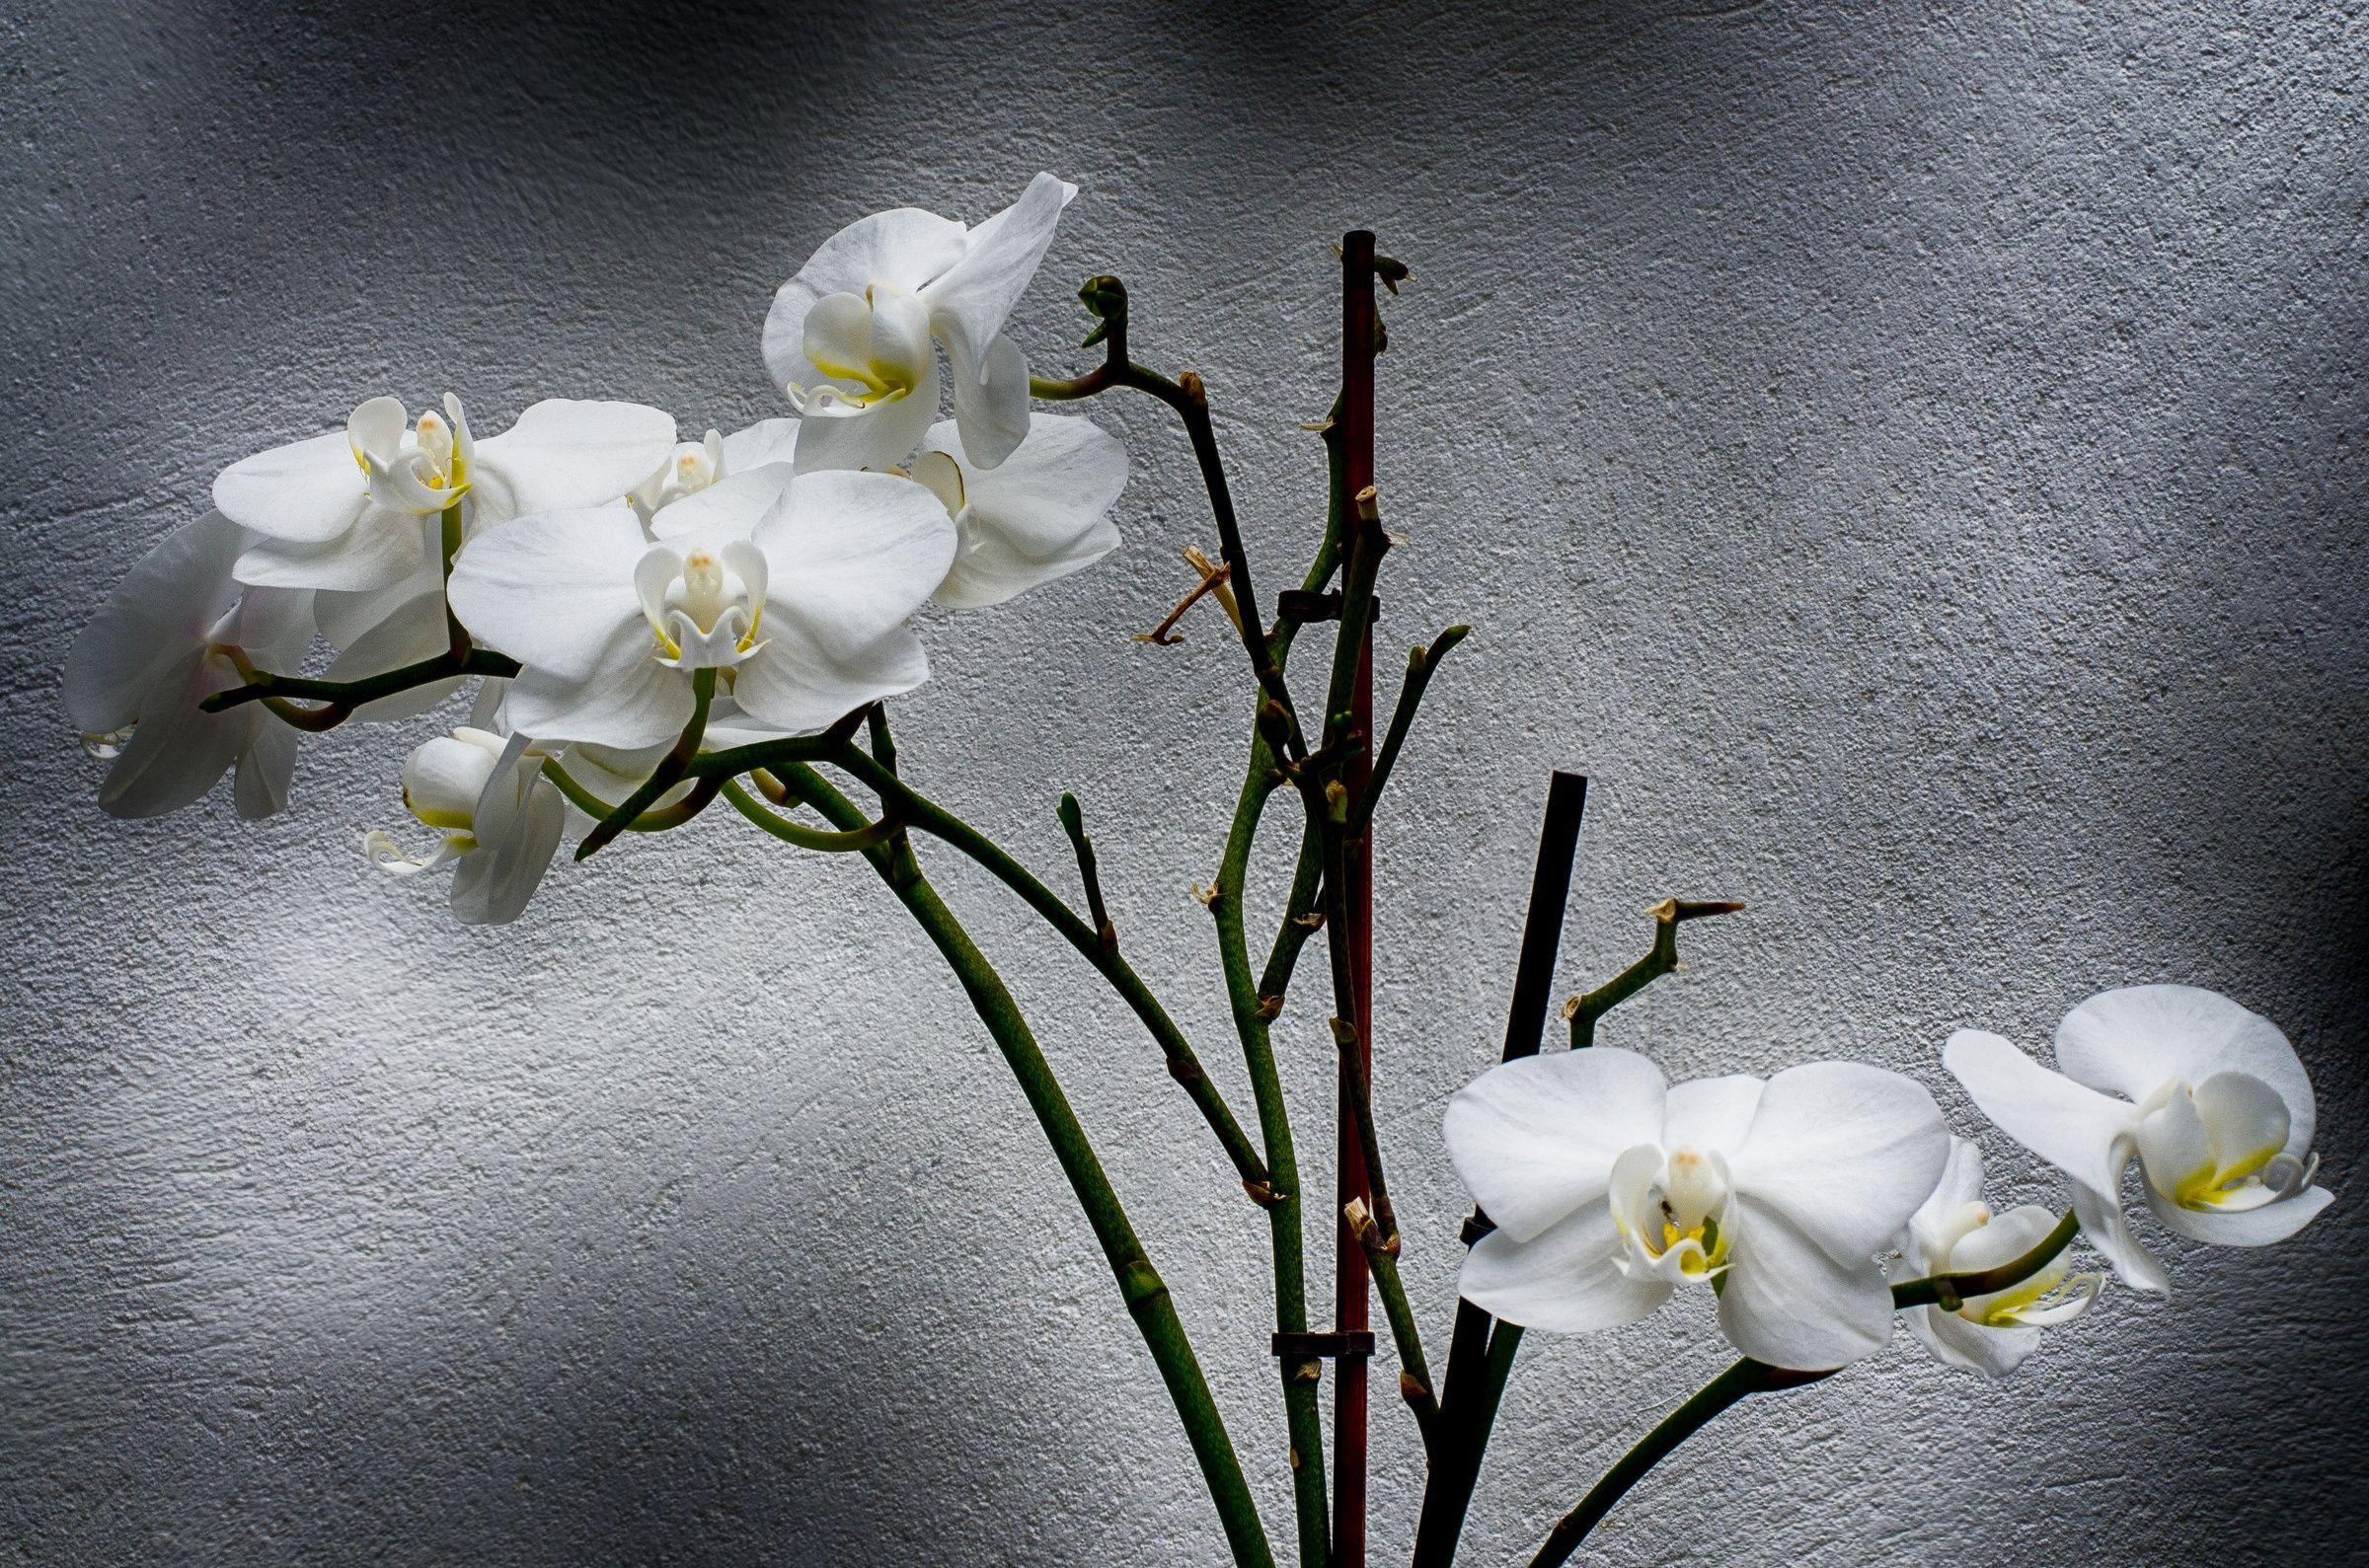 залы ресторане, фото белая ветка орхидеи для